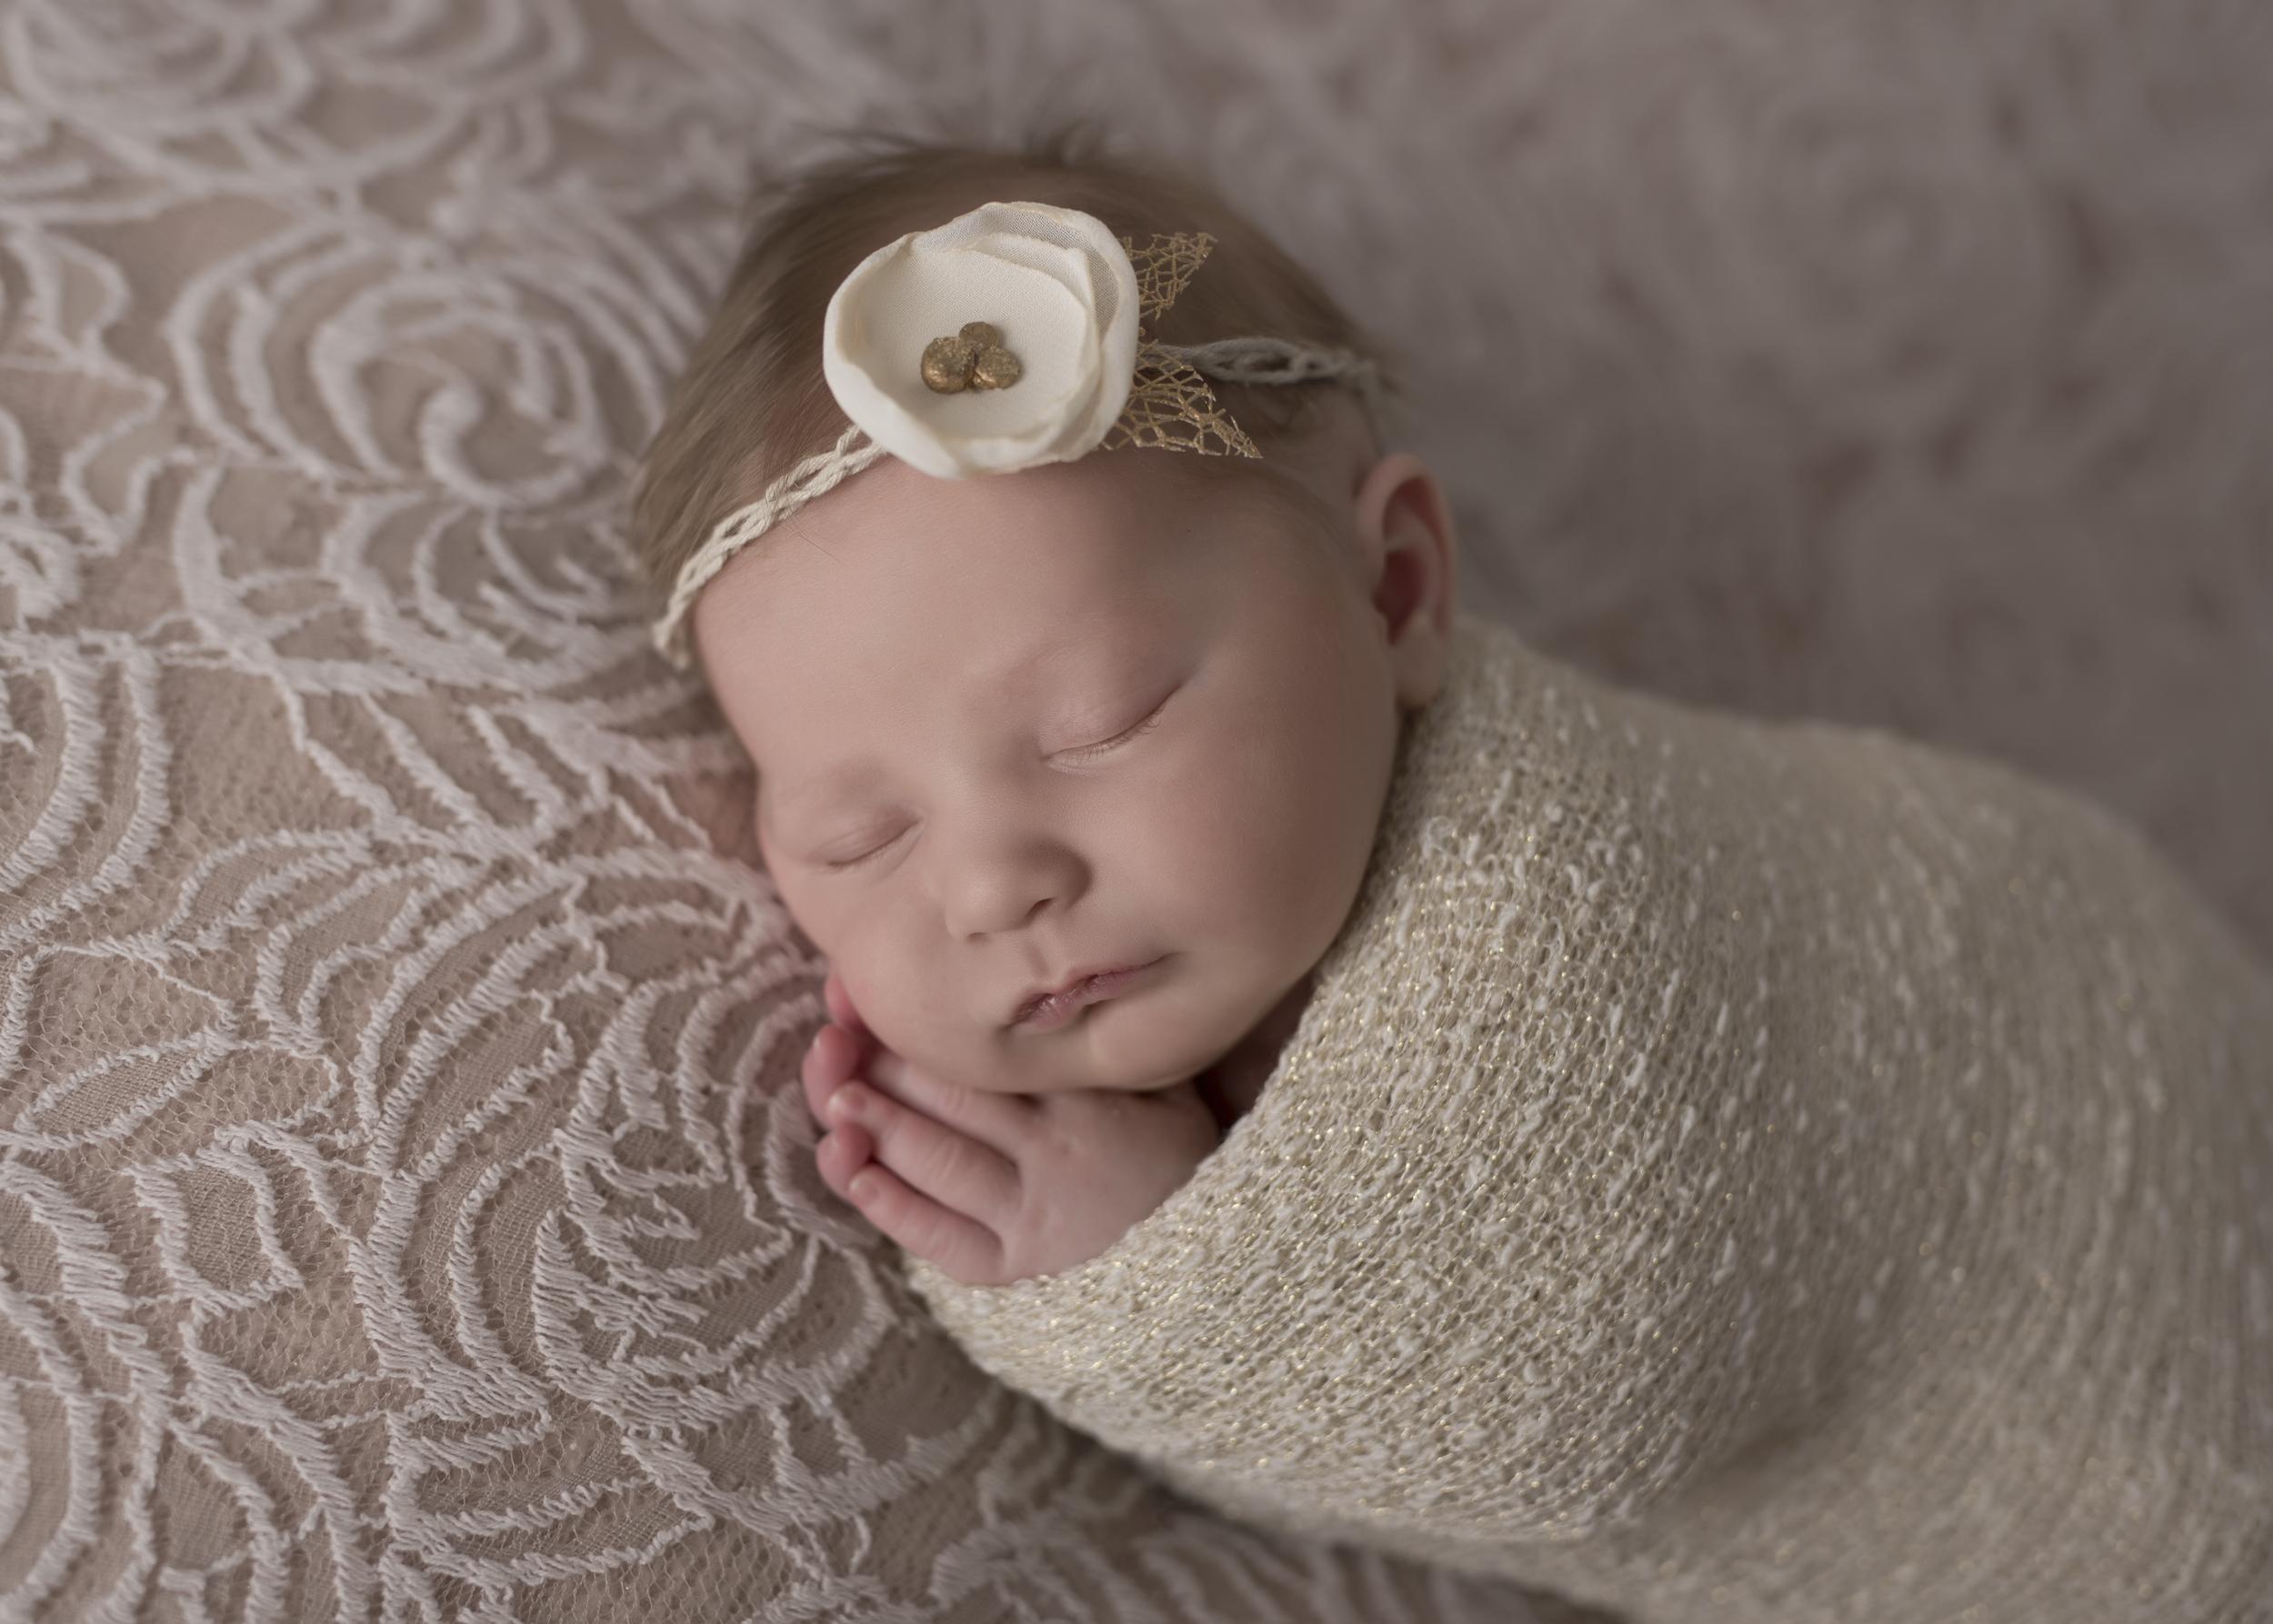 Cora_Newborn_001.jpg